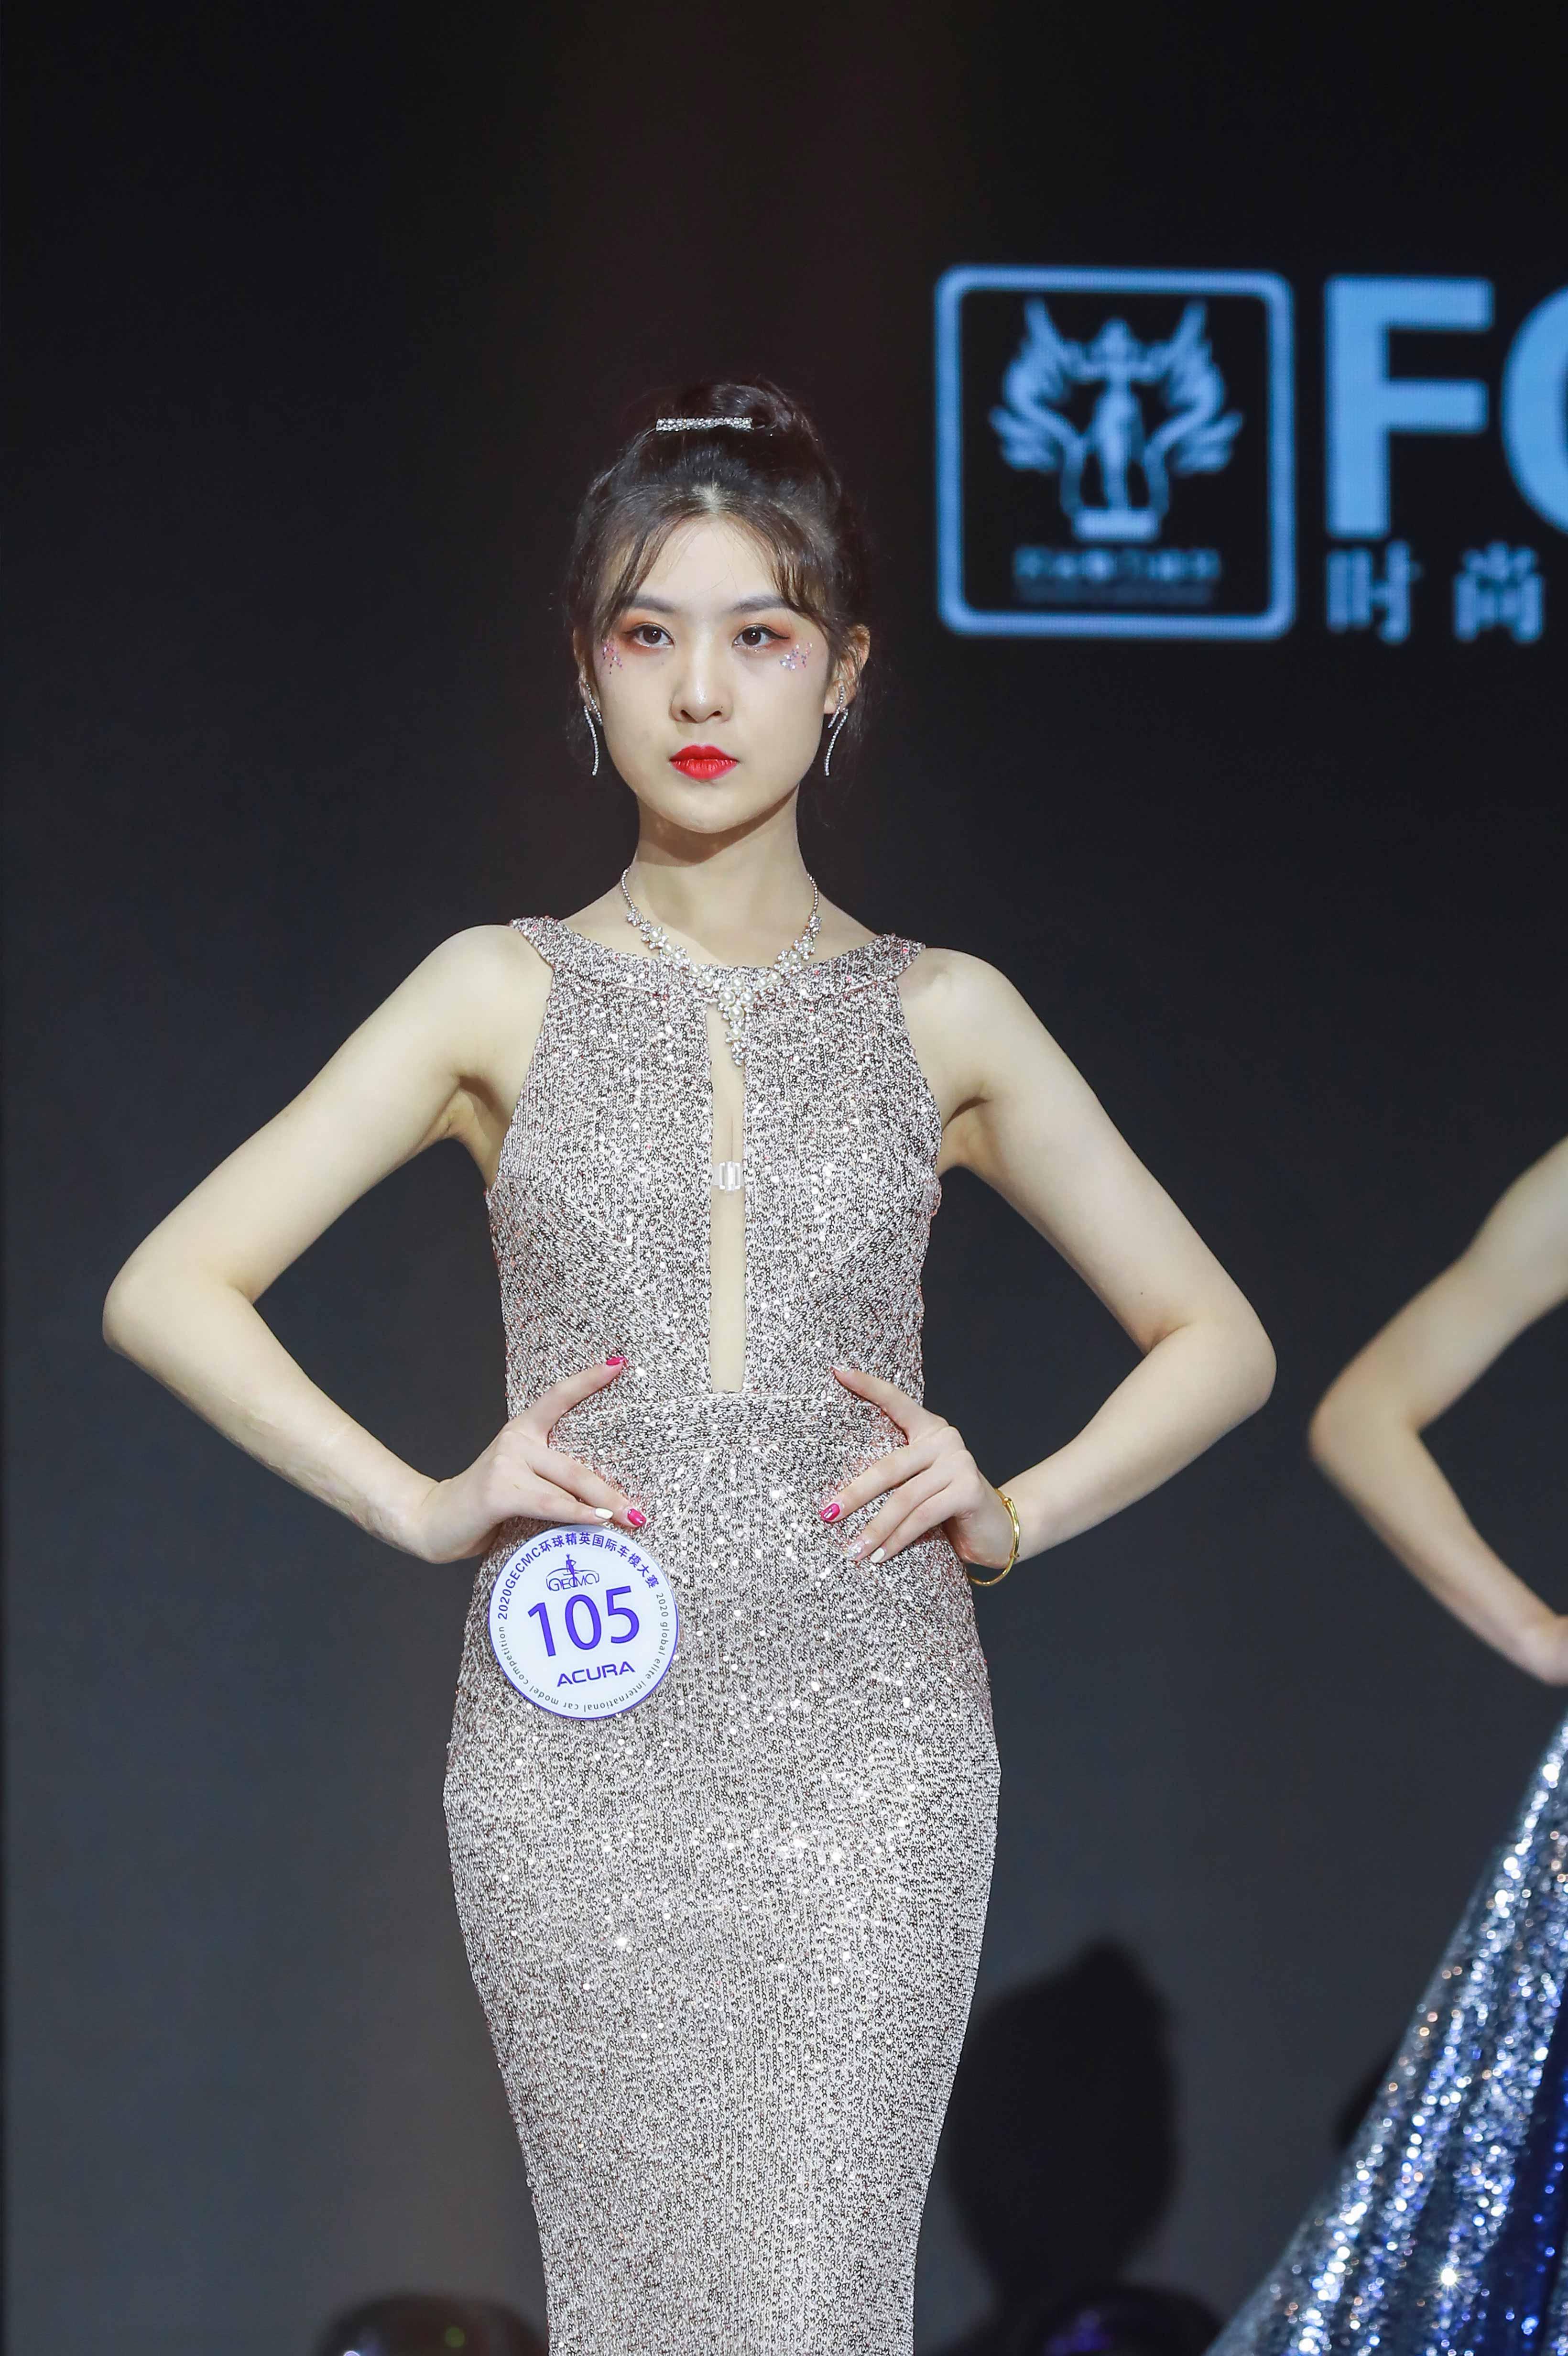 祝贺濮恩希——获得2020环球精英国际车模大赛全国总决赛最具形象奖冠军